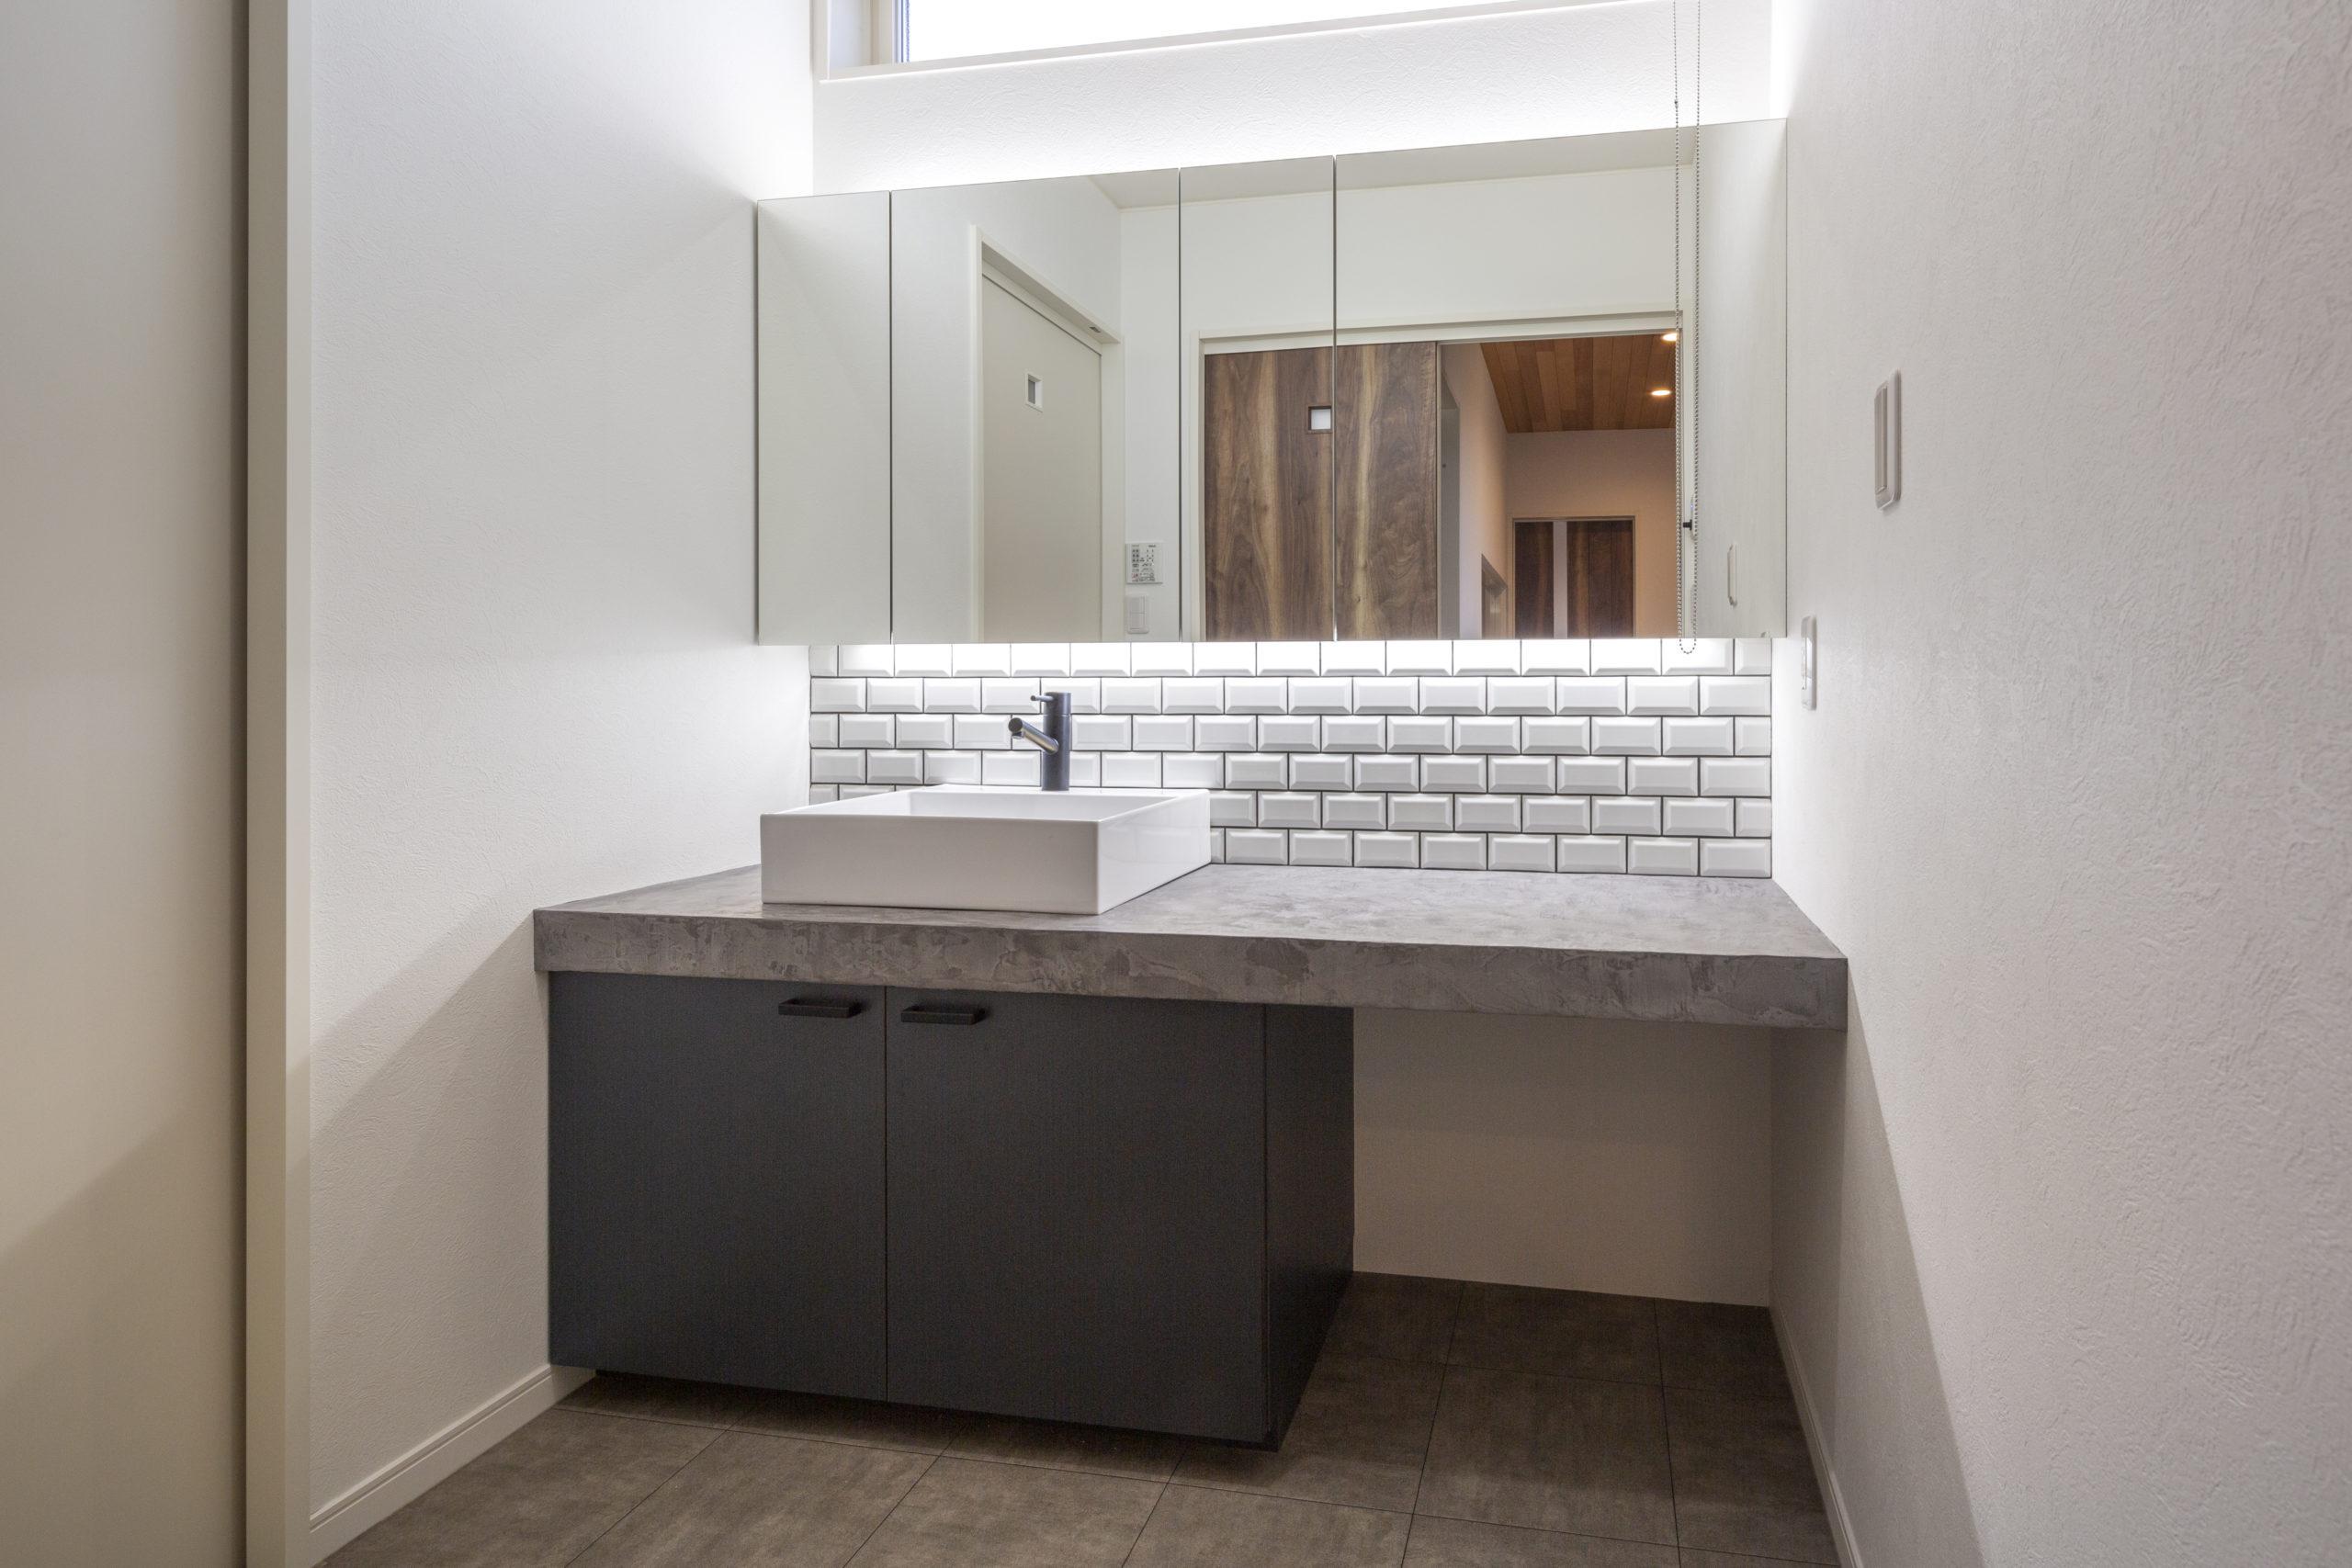 福山市の注文住宅|今井住建の施工事例ギャラリー「2人同時に使える広さは理想です」